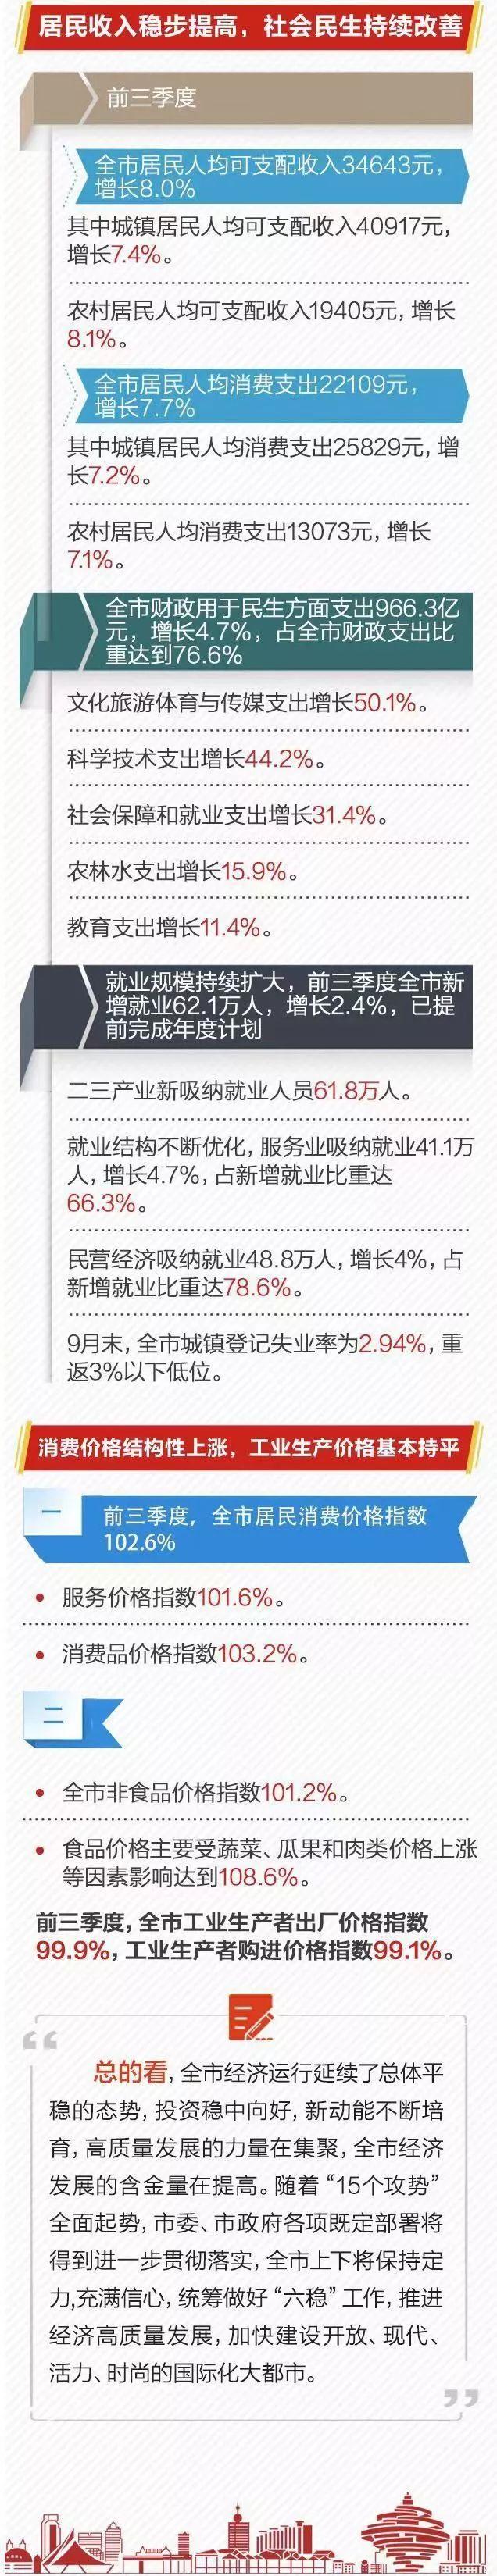 图解|前三季度经皇冠国际网址hg848济运行情形出炉 GDP增添6.4%